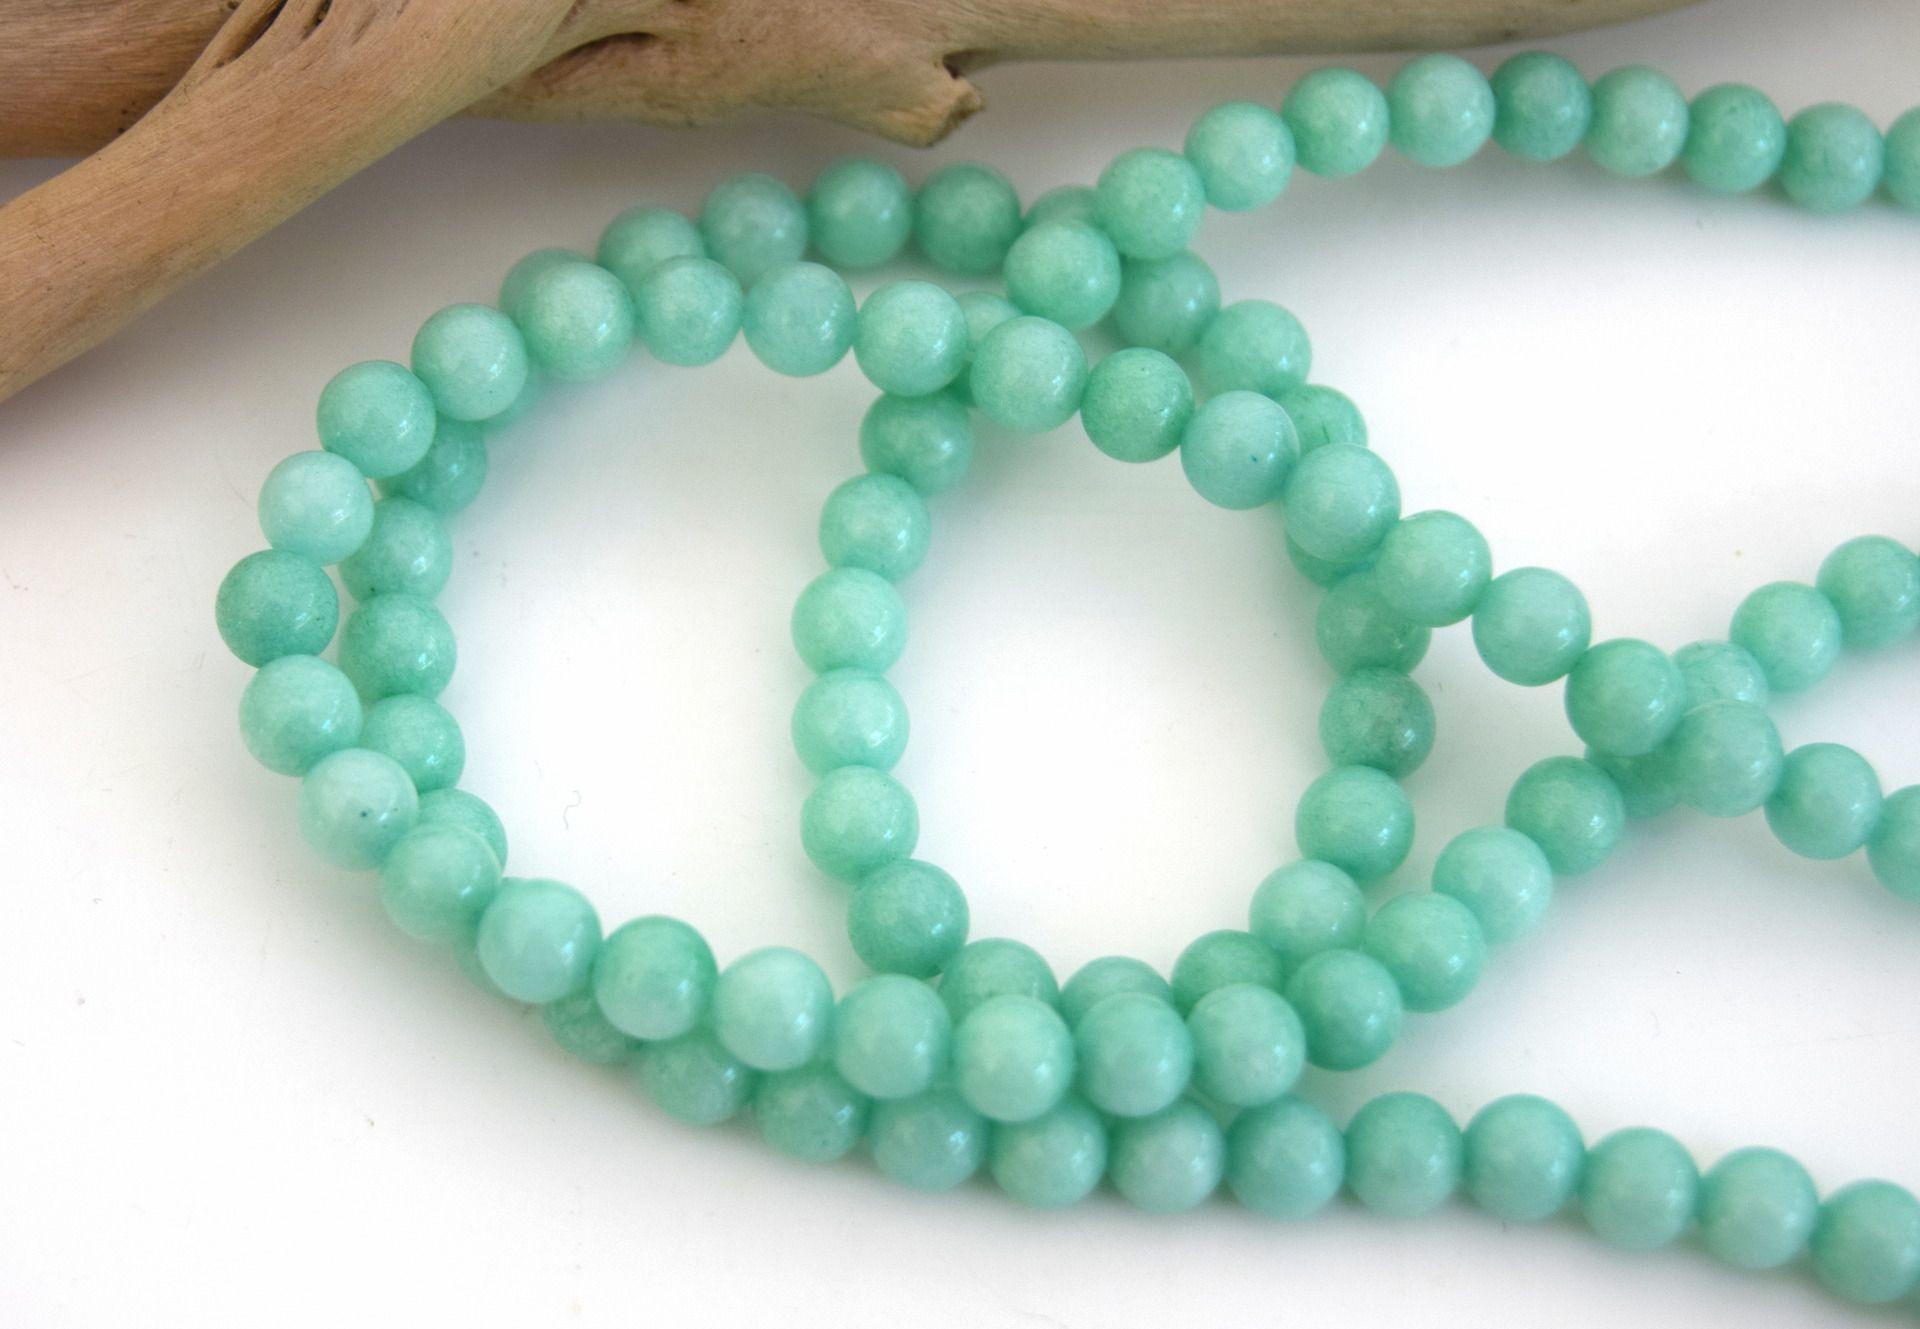 10 Perles amazonite pierre naturelle ronde aqua-marine 6mm PVA201601 : Perles…